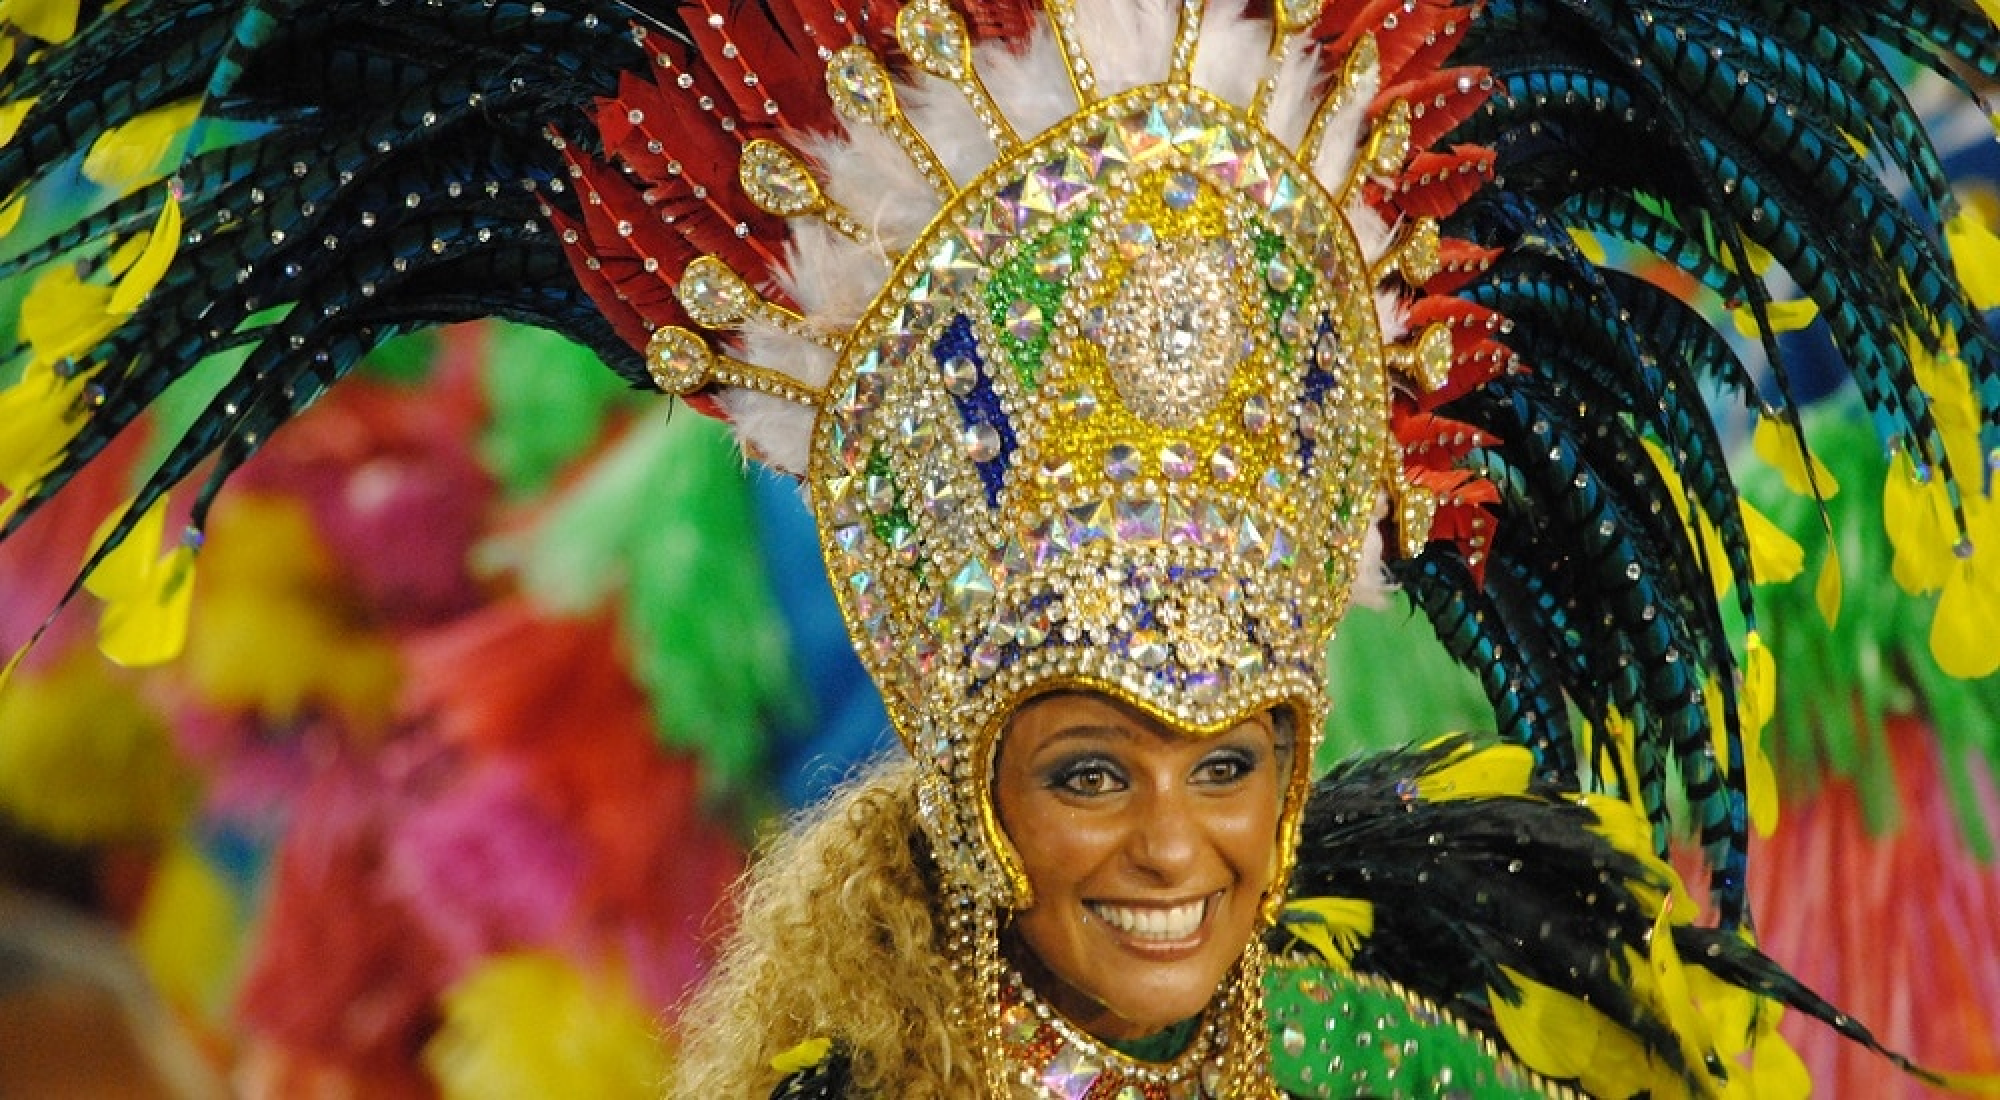 Comment assister au Carnaval de Rio de Janeiro 2018 ?